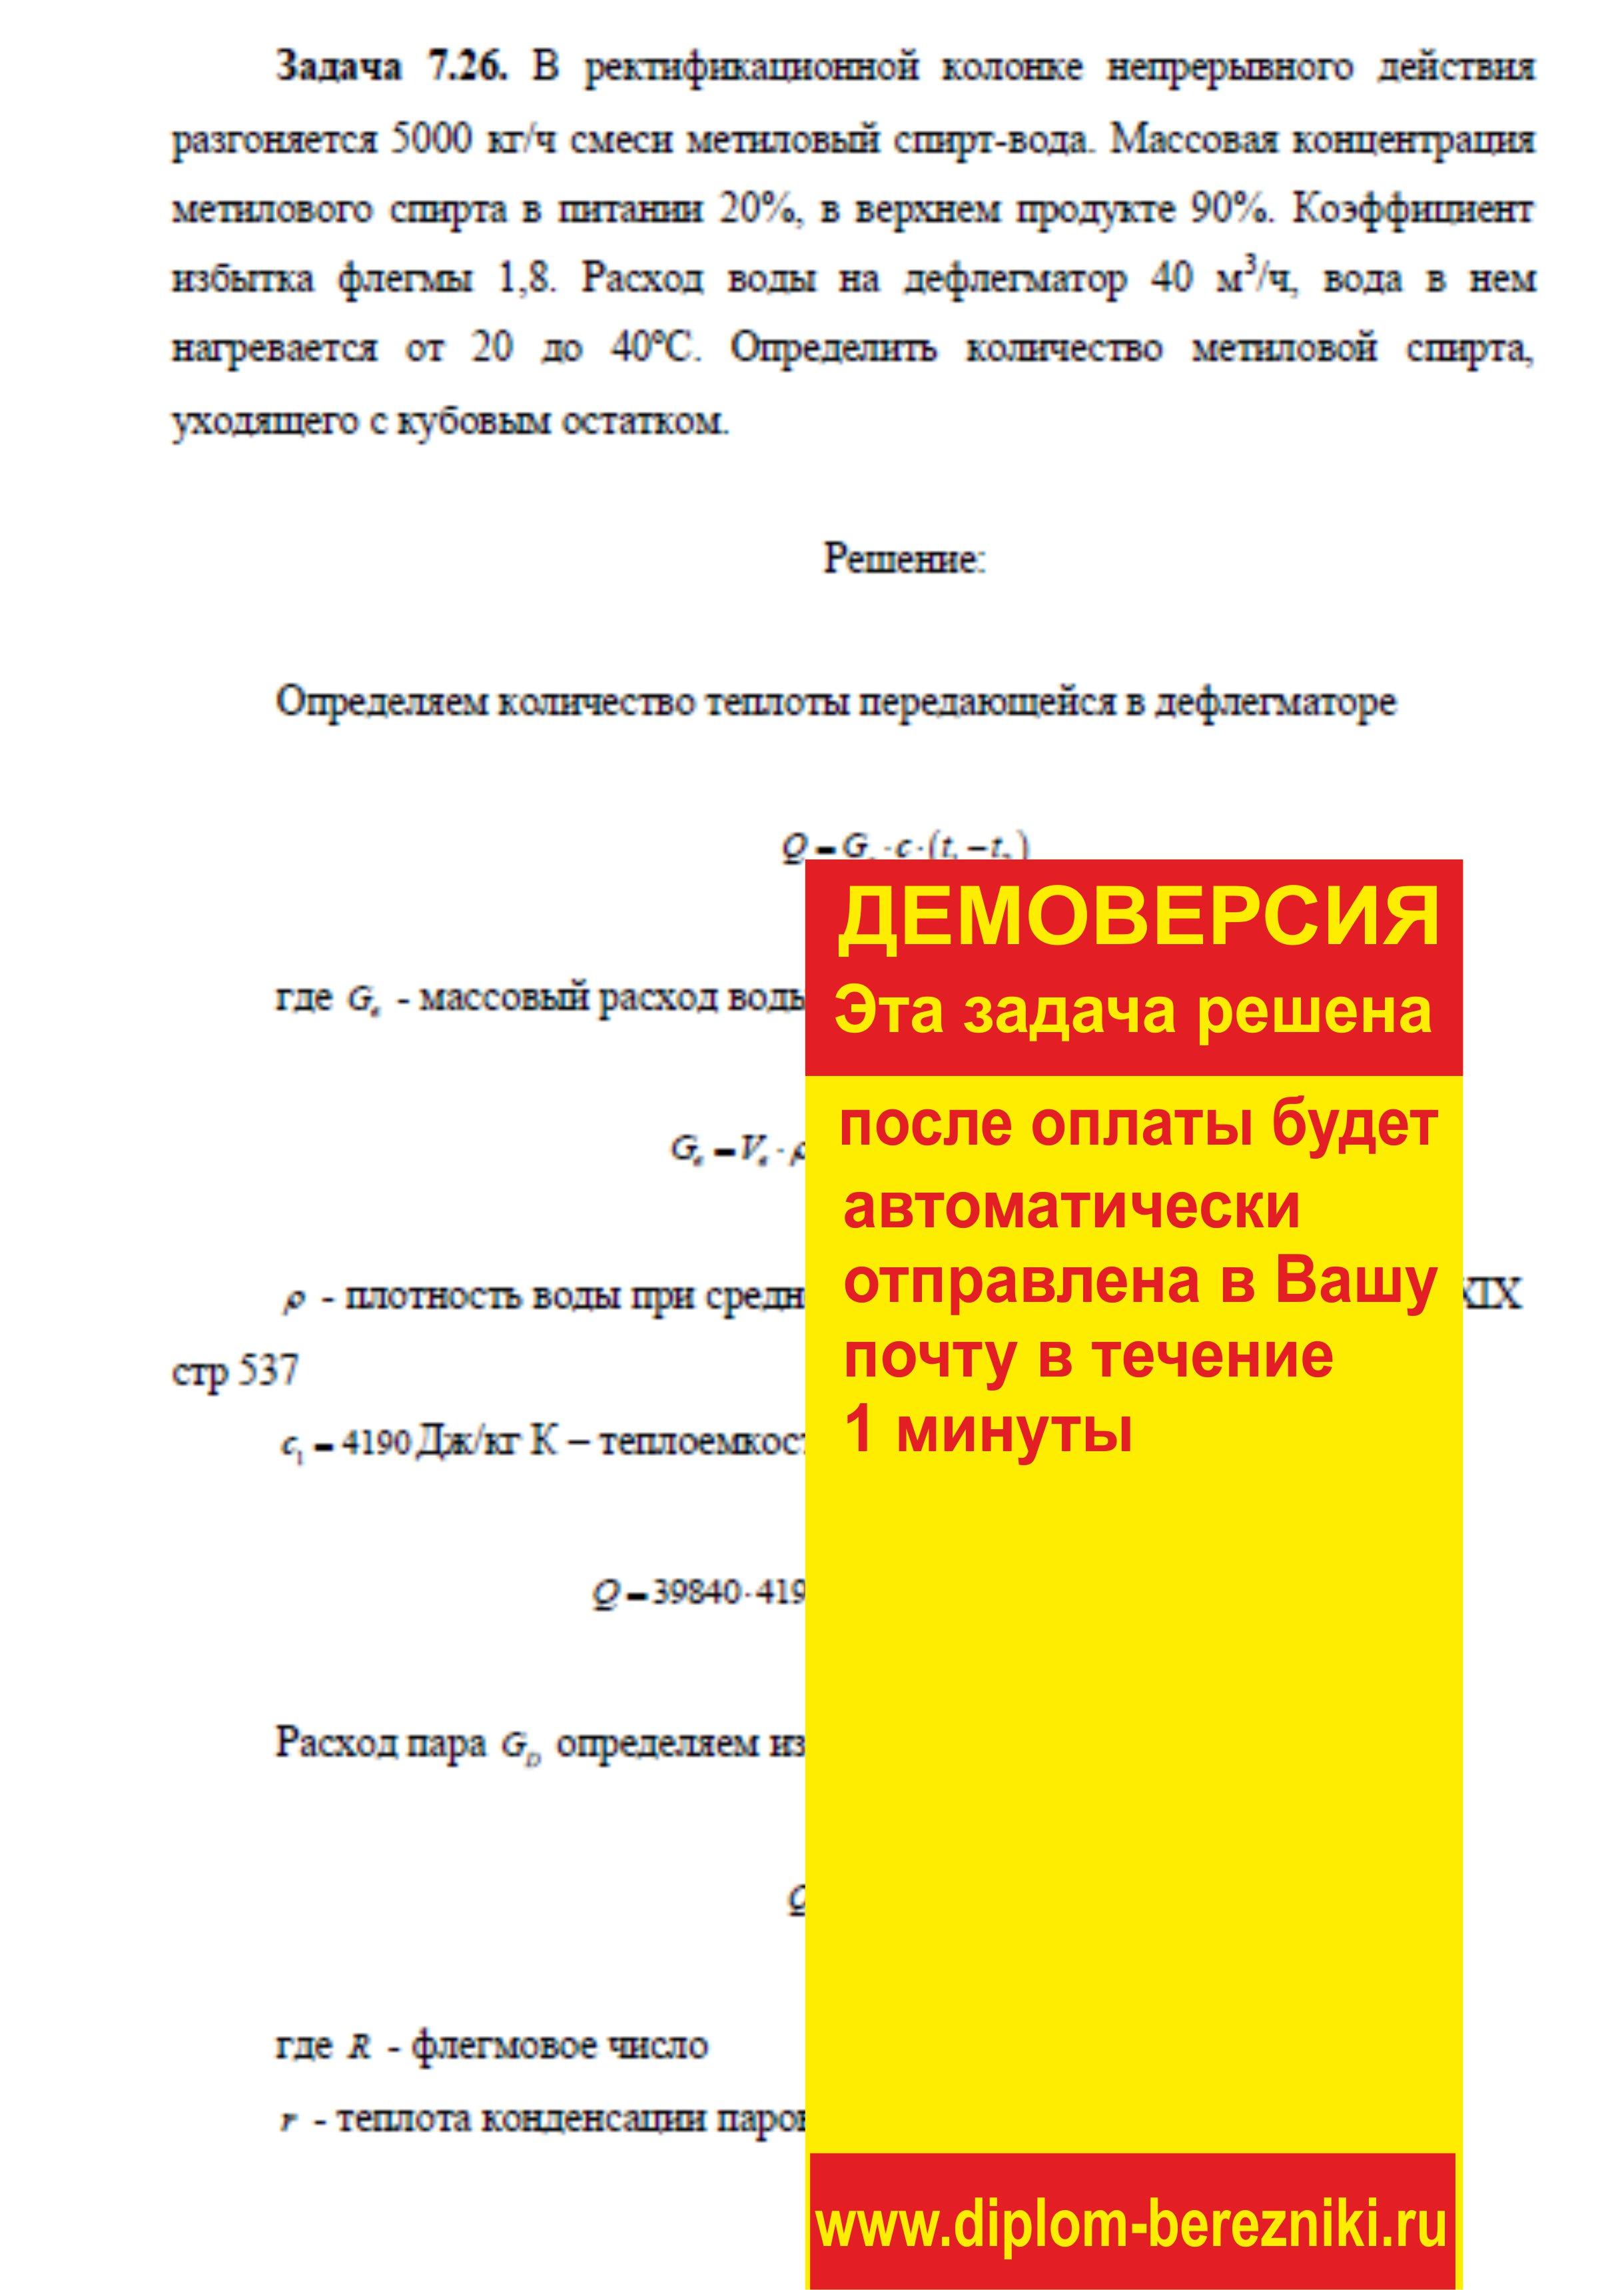 Решение задачи 7.26 по ПАХТ из задачника Павлова Романкова Носкова